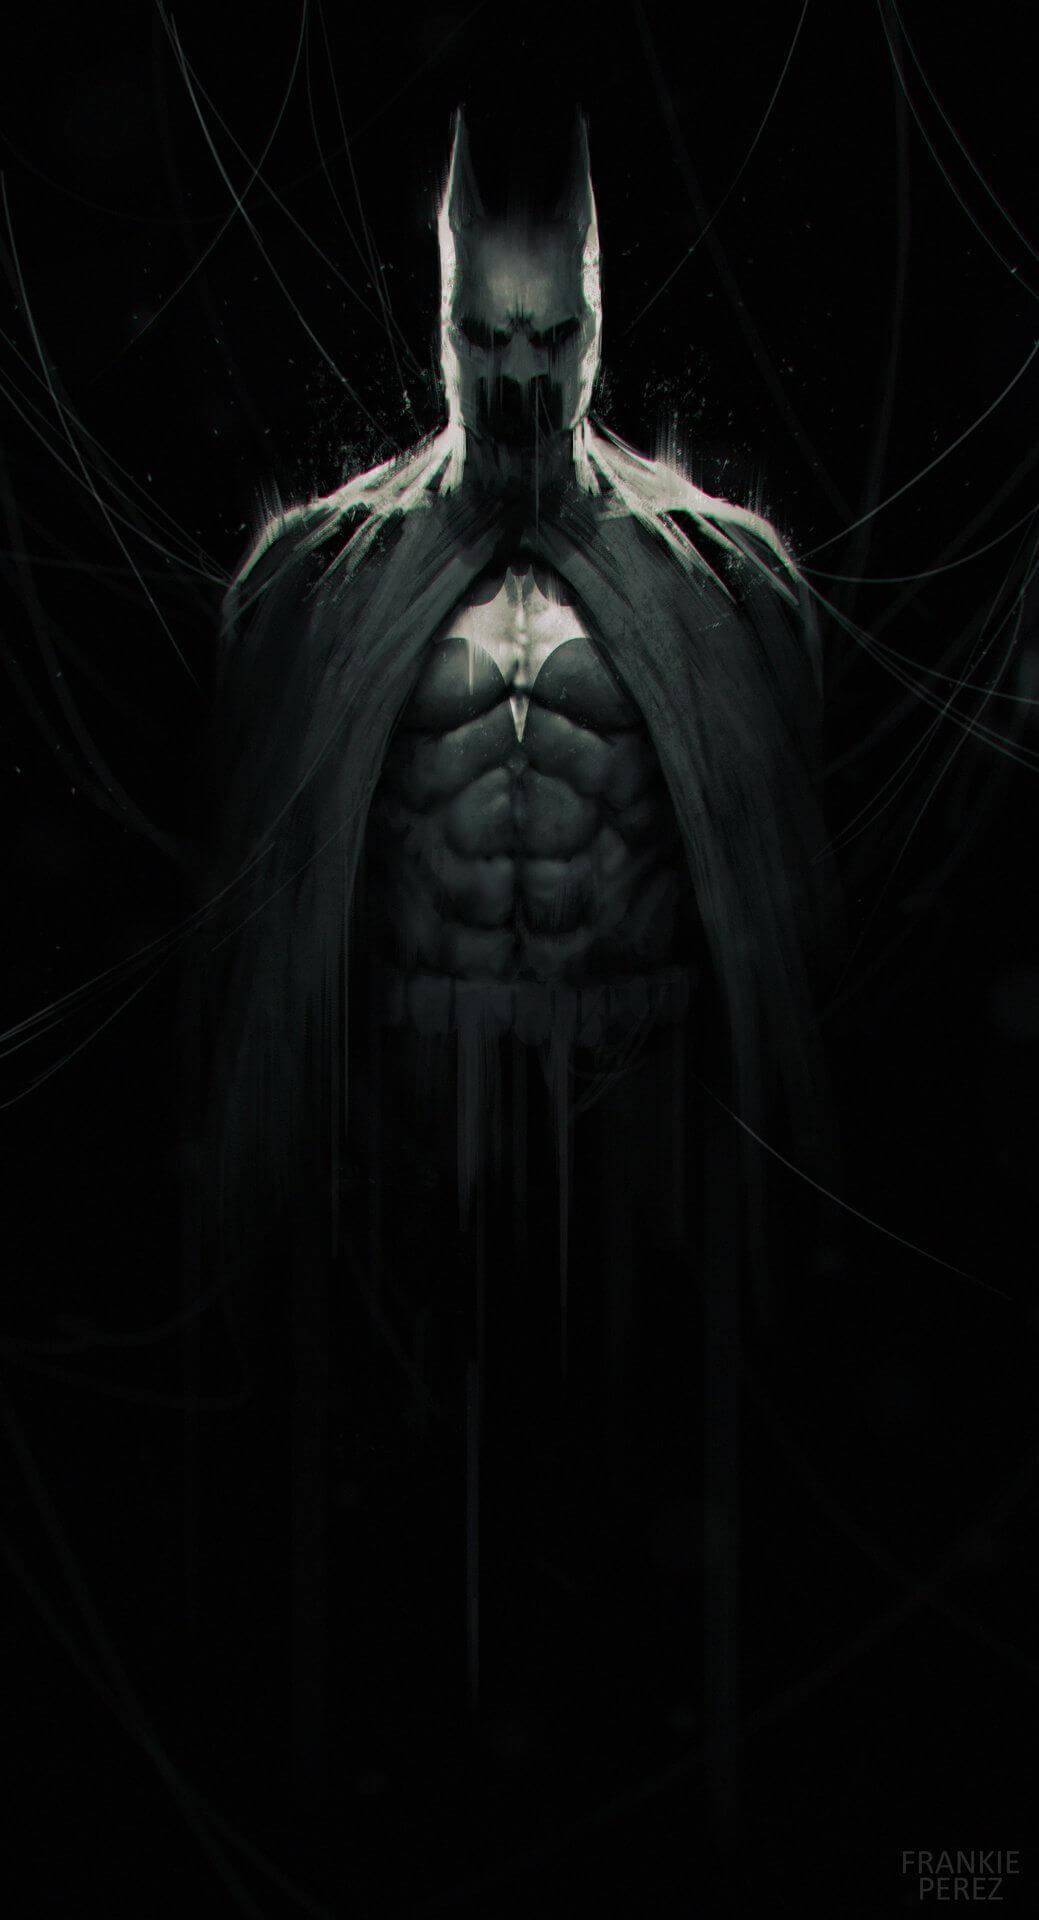 Красивые картинки бэтмен в хорошем качестве 1